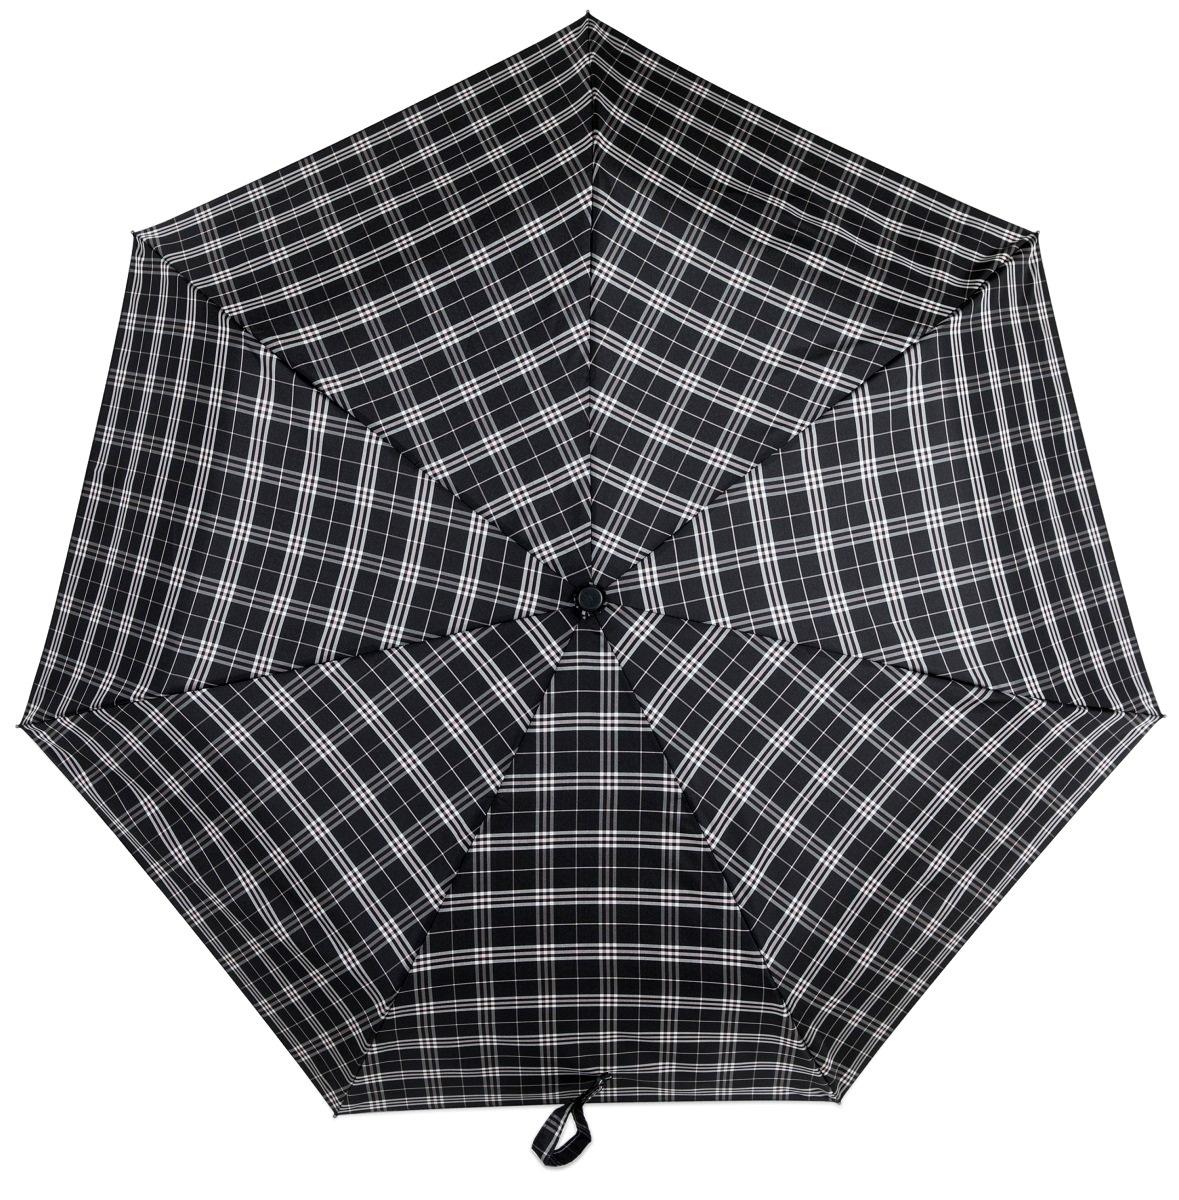 Зонт Три слона 367-D, черный, серый